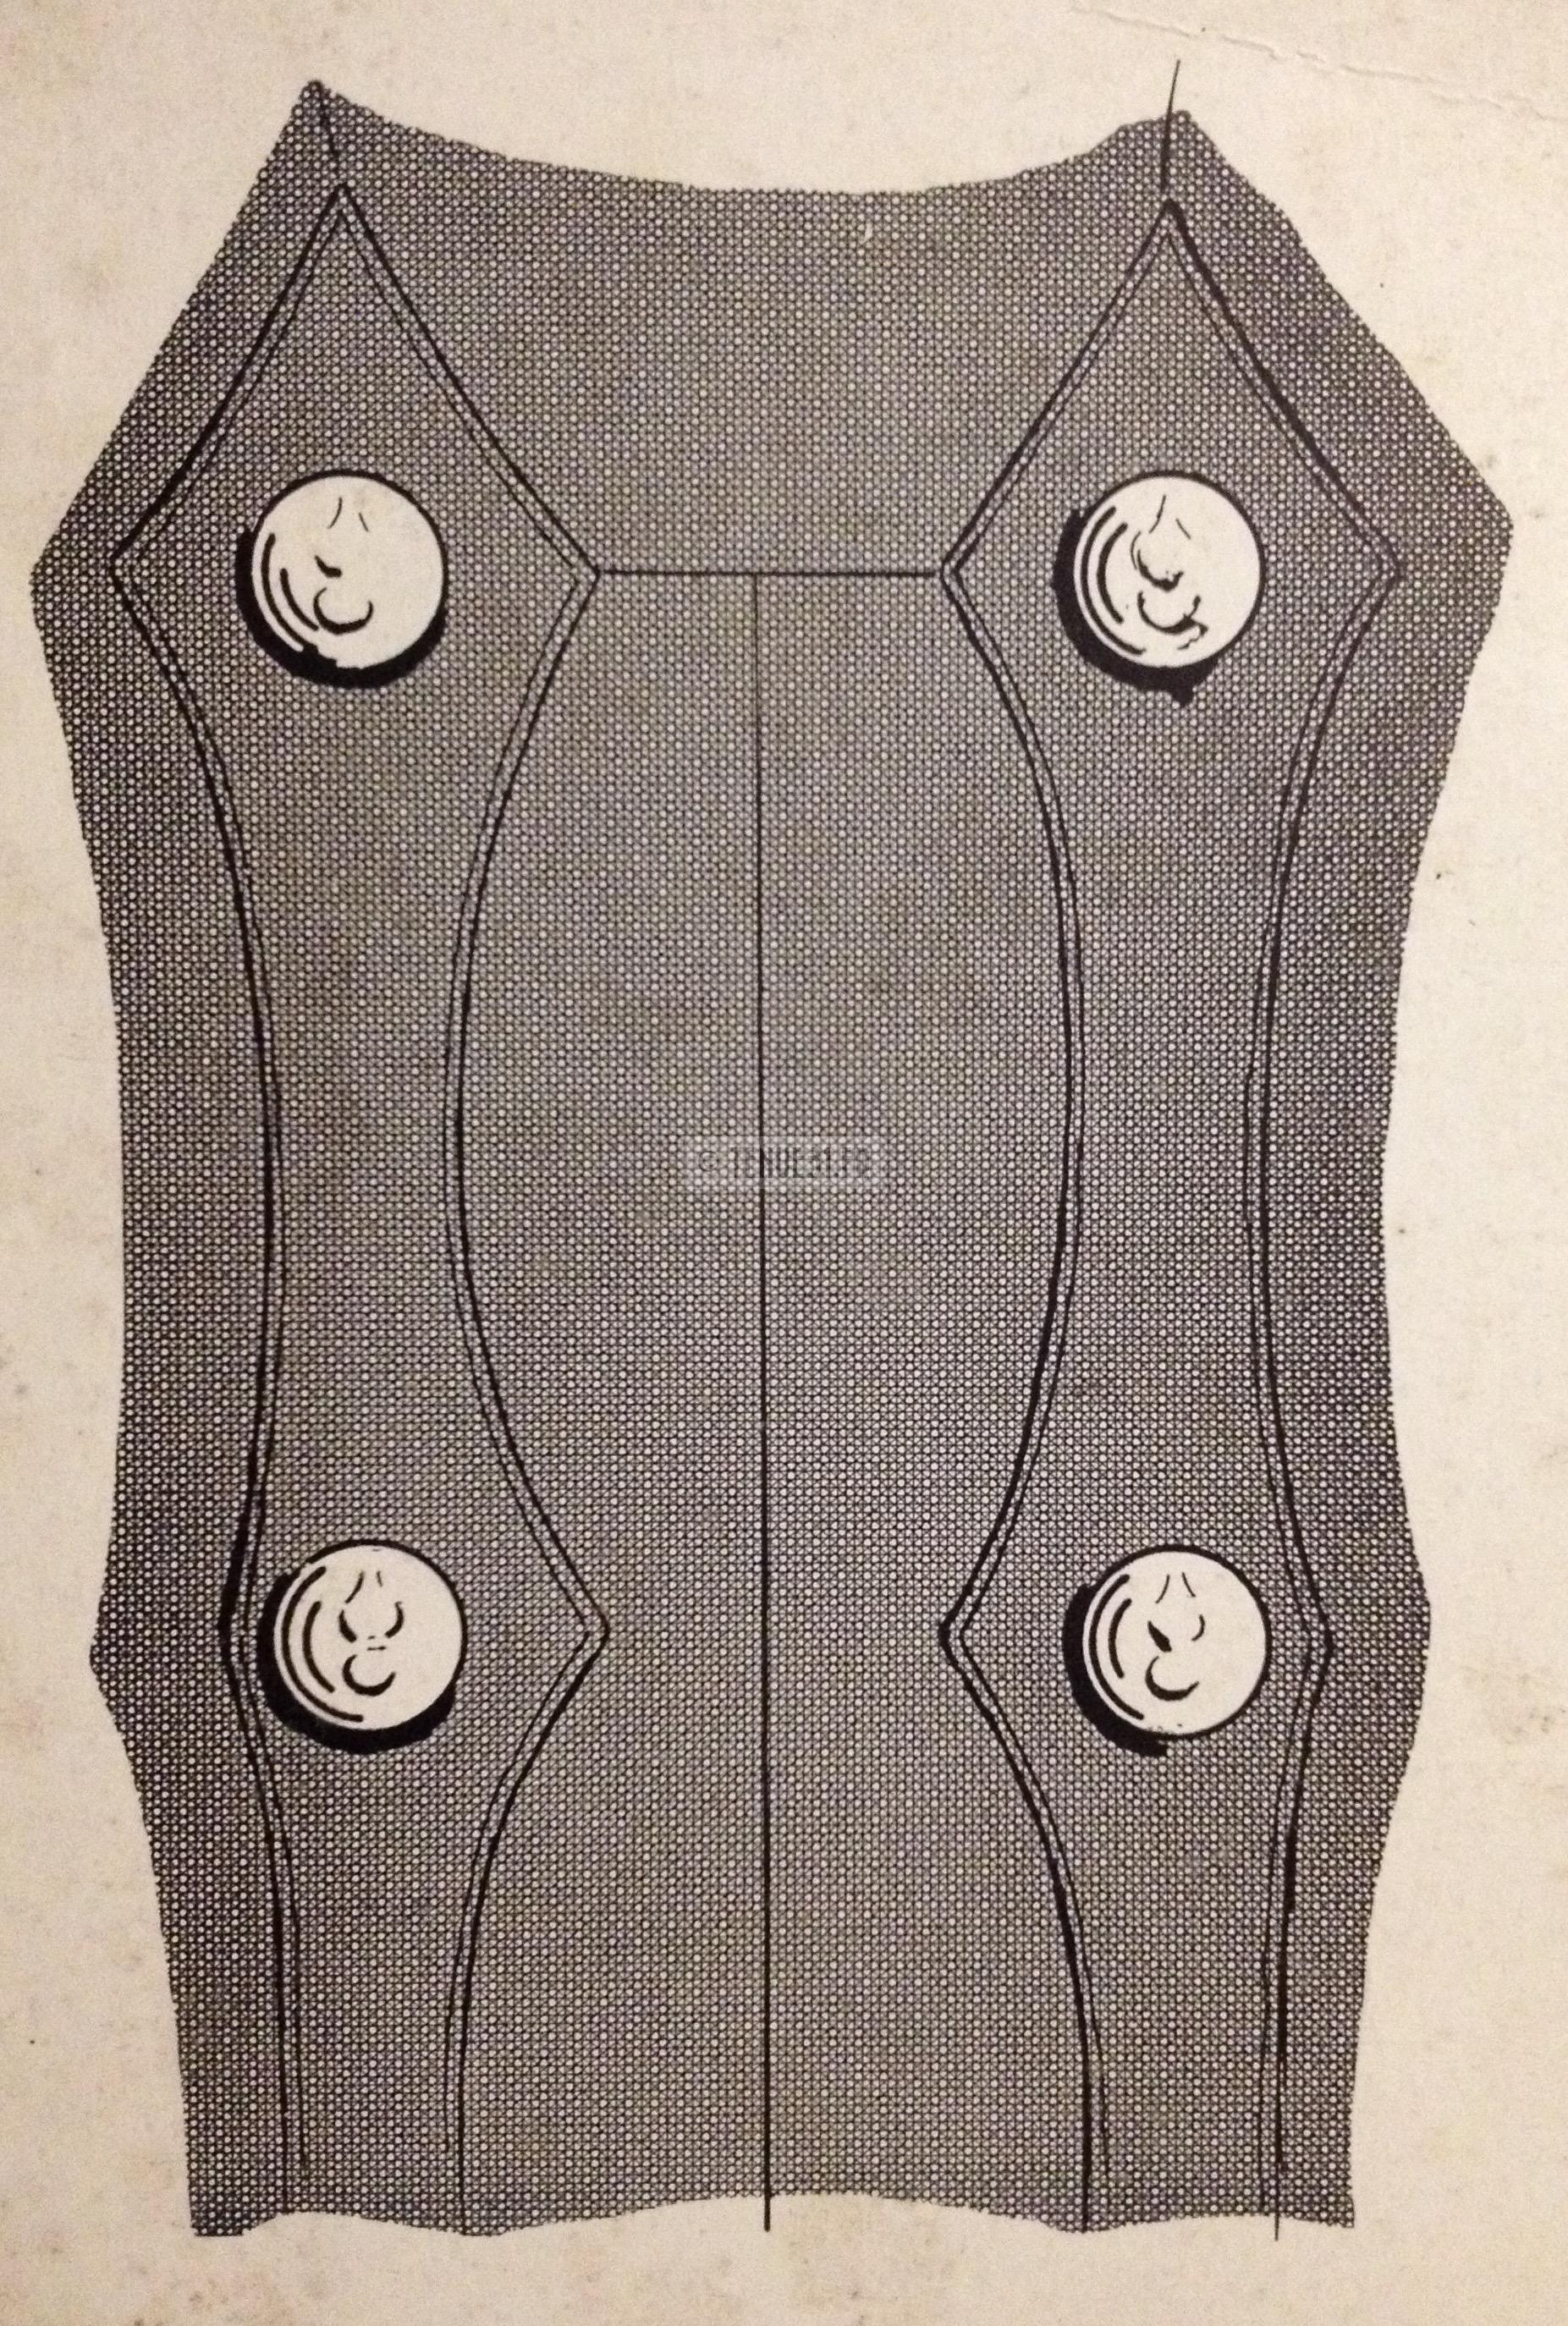 Dos de la tunique de la tenue modèle 1931